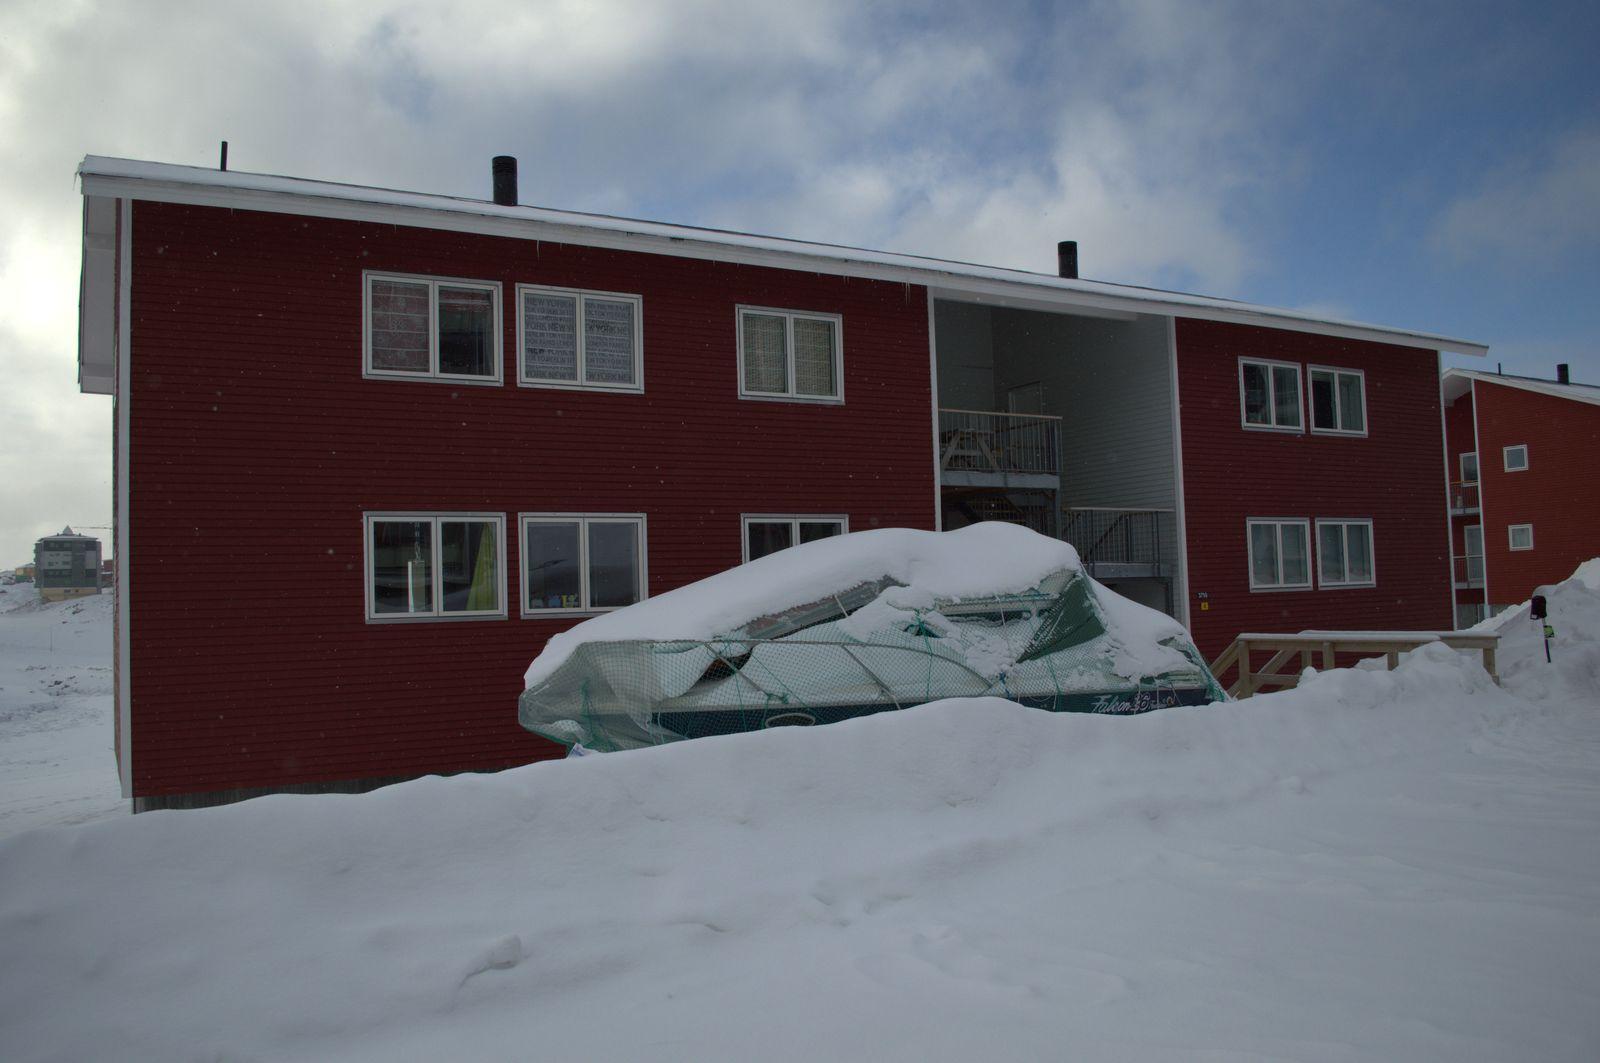 2014-03-07-1347_-_Gode_1_Pupik_Theodora-Kiruna